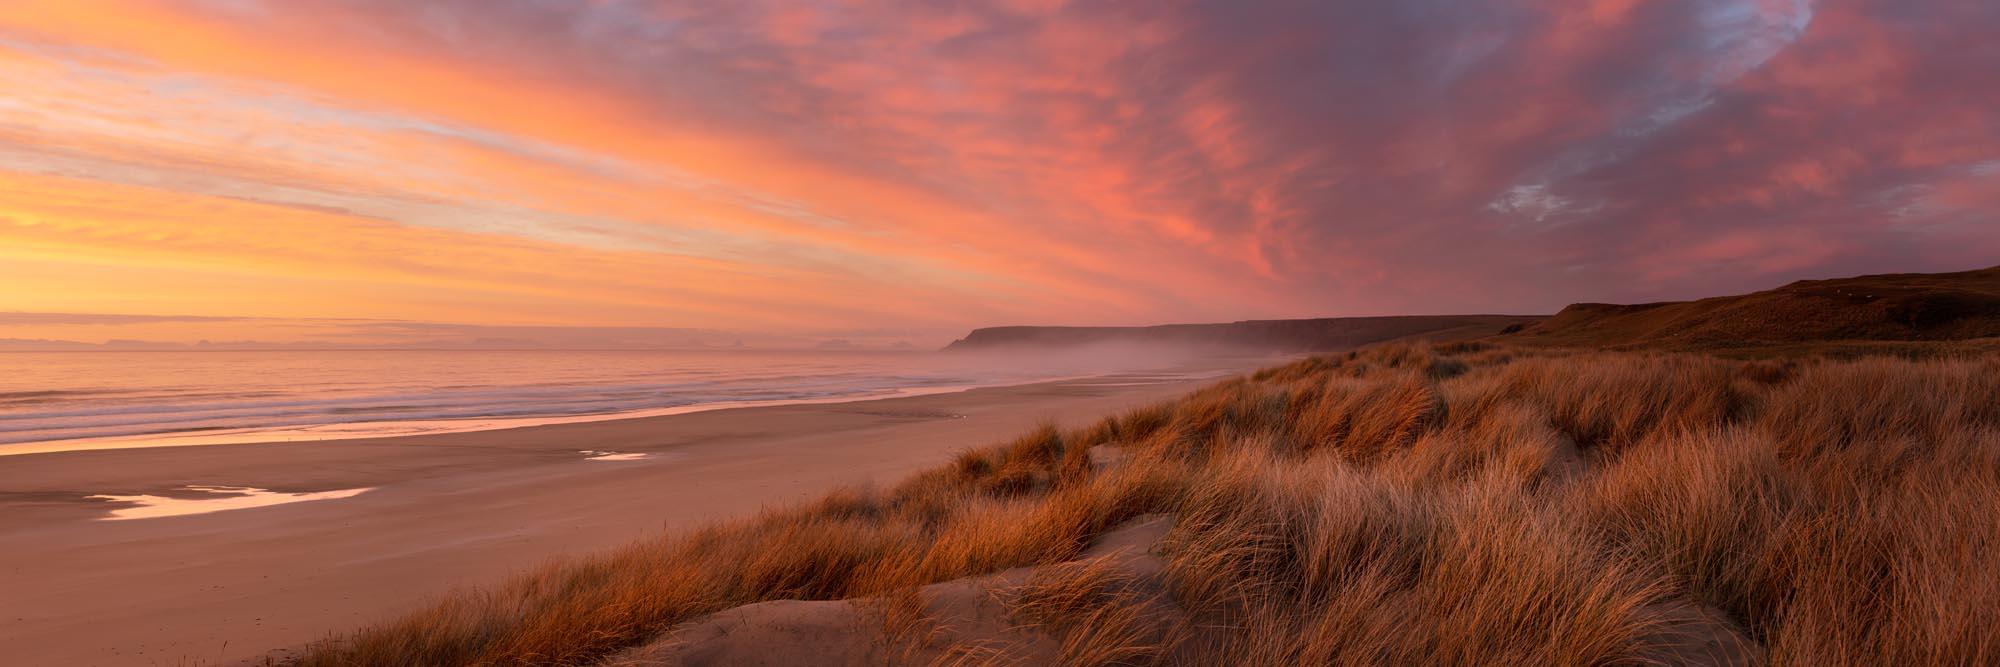 Sunrise amongst the dunes of a haebridean beach